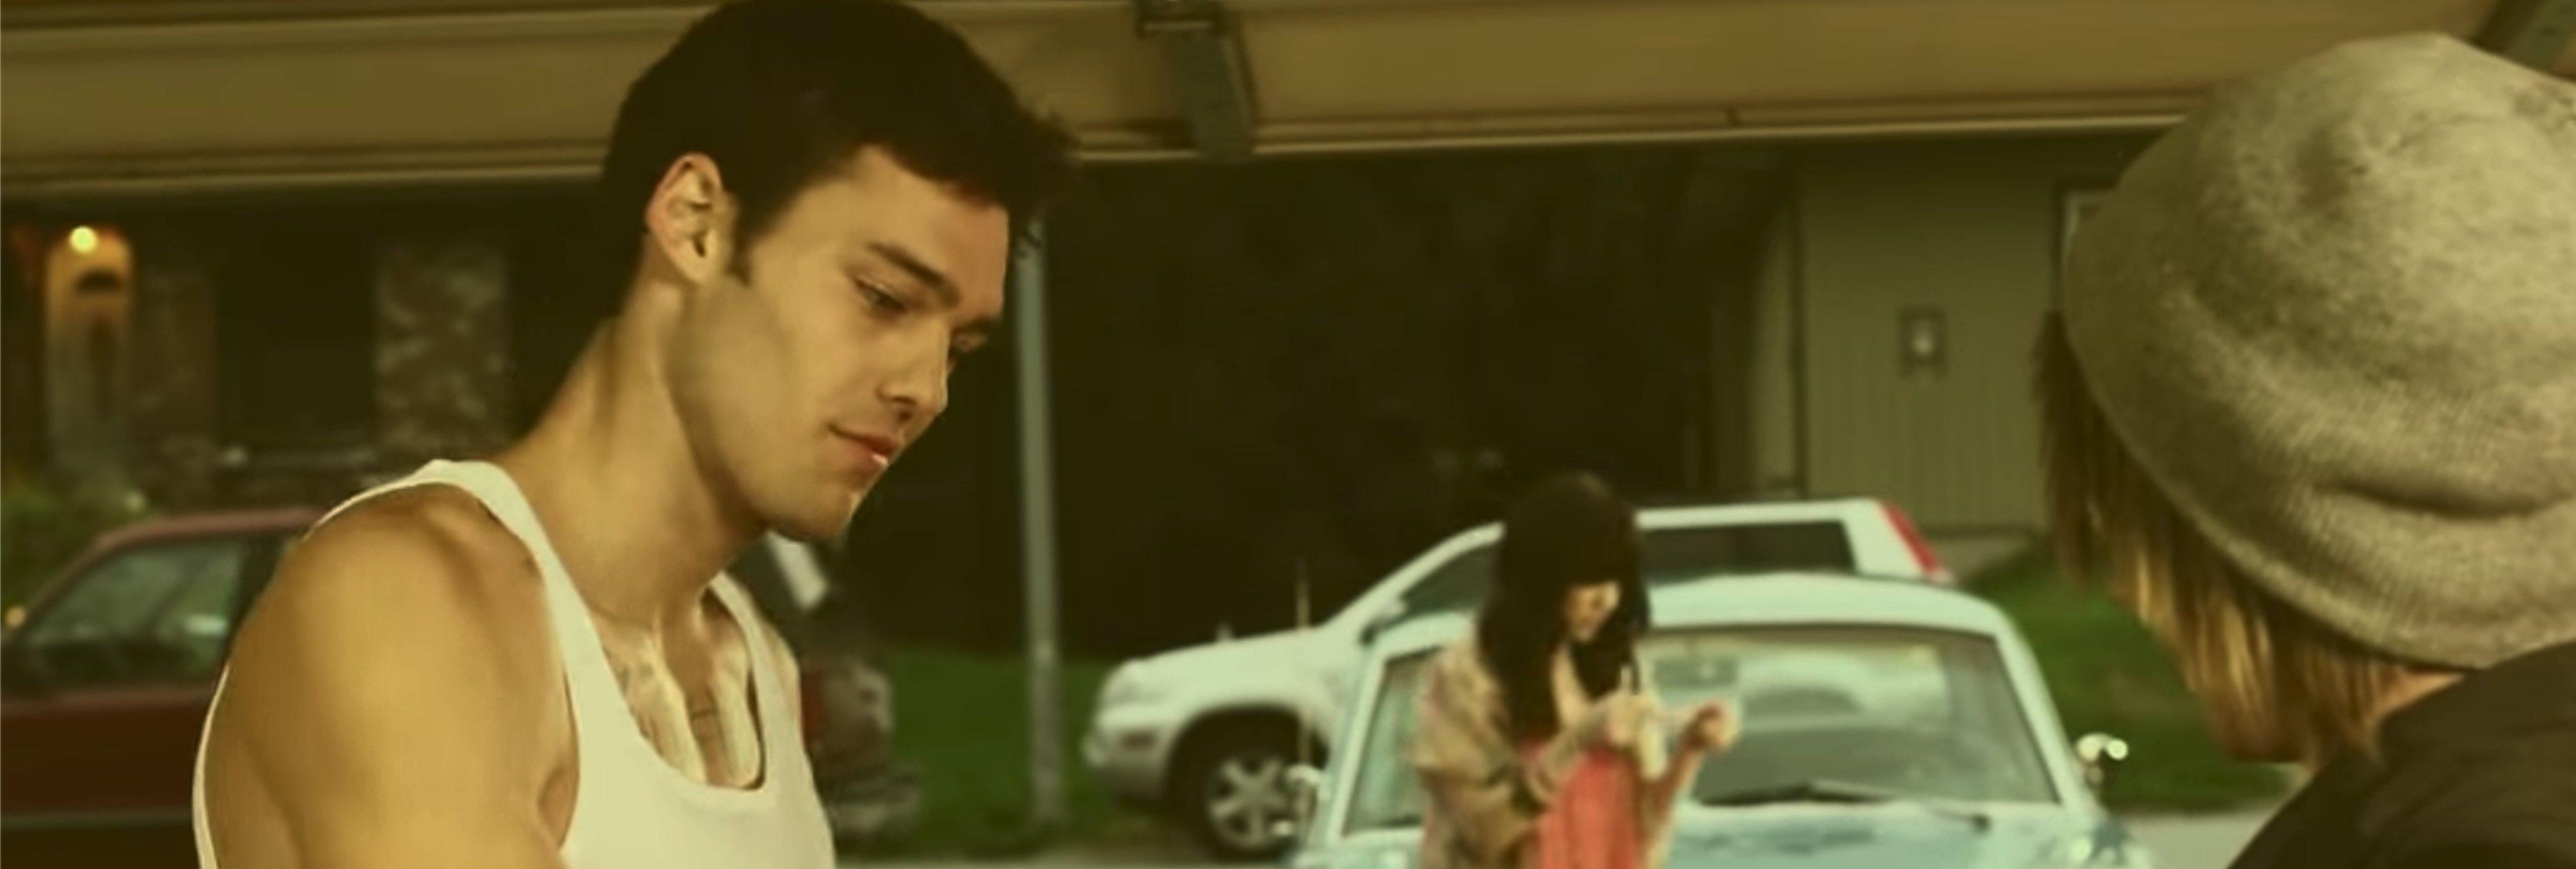 El protagonista del videoclip de 'Call me maybe' se arrepiente de haber hecho de gay